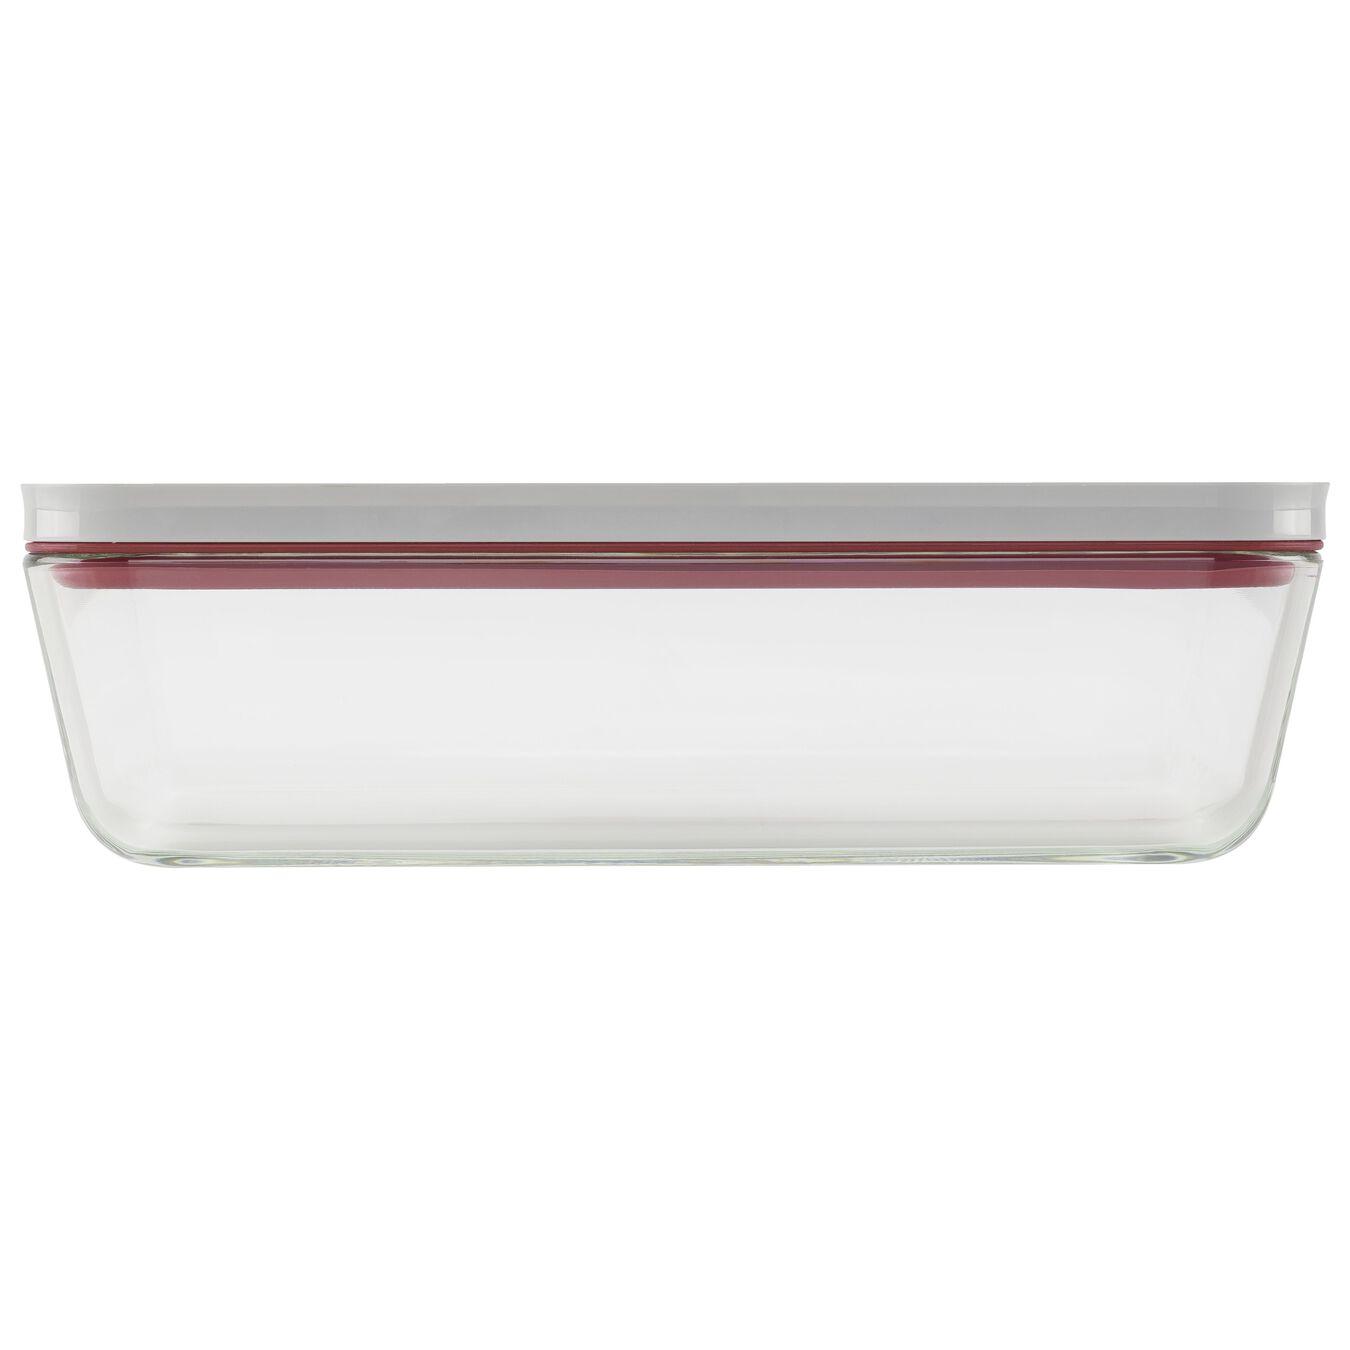 Vacuum gratin dish, White | Premium,,large 2